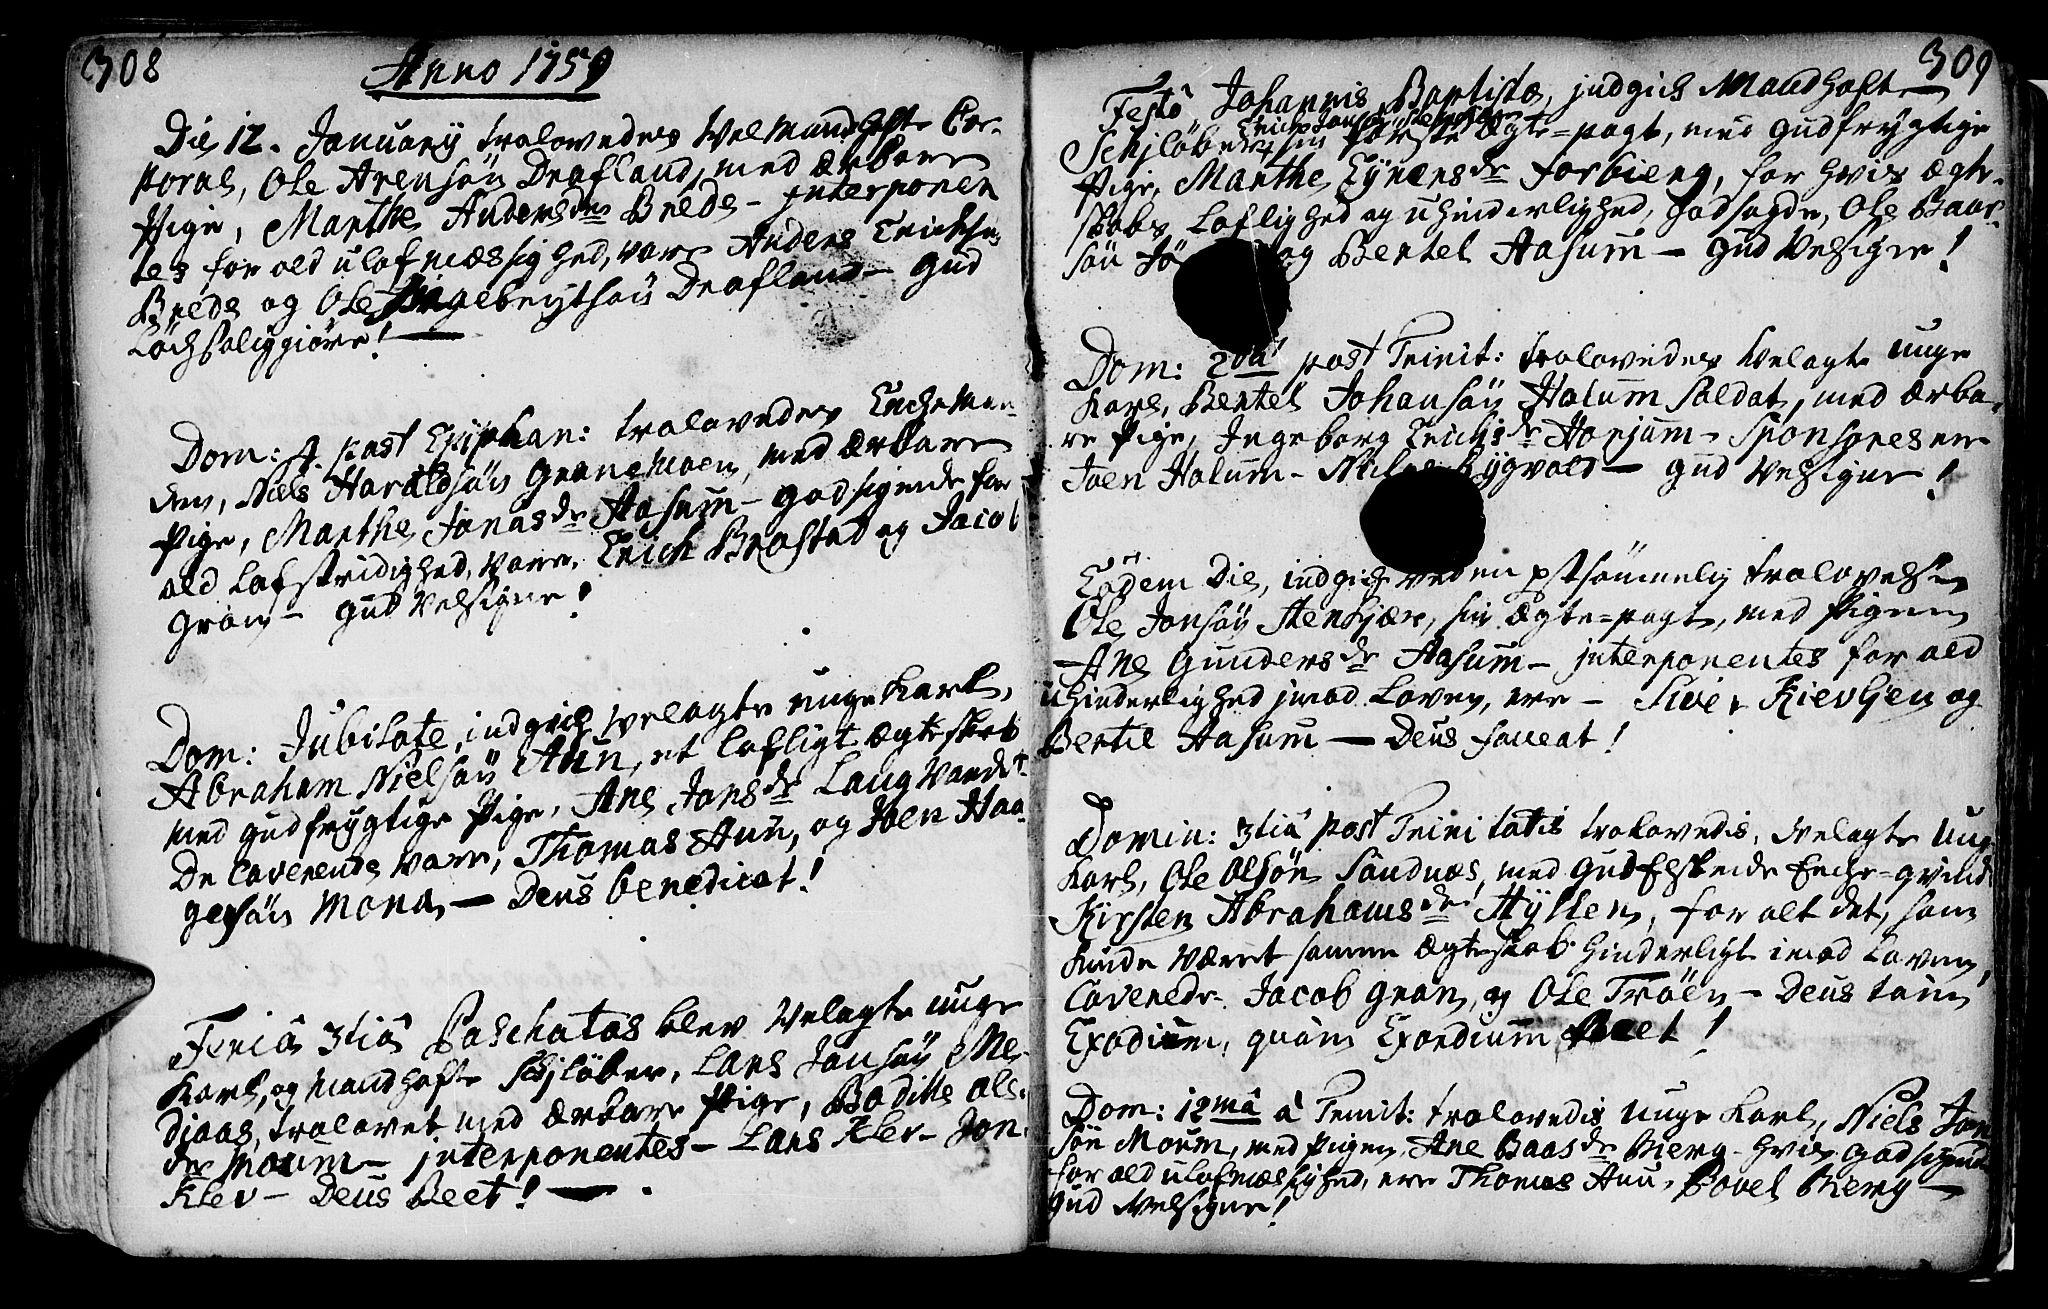 SAT, Ministerialprotokoller, klokkerbøker og fødselsregistre - Nord-Trøndelag, 749/L0467: Ministerialbok nr. 749A01, 1733-1787, s. 308-309